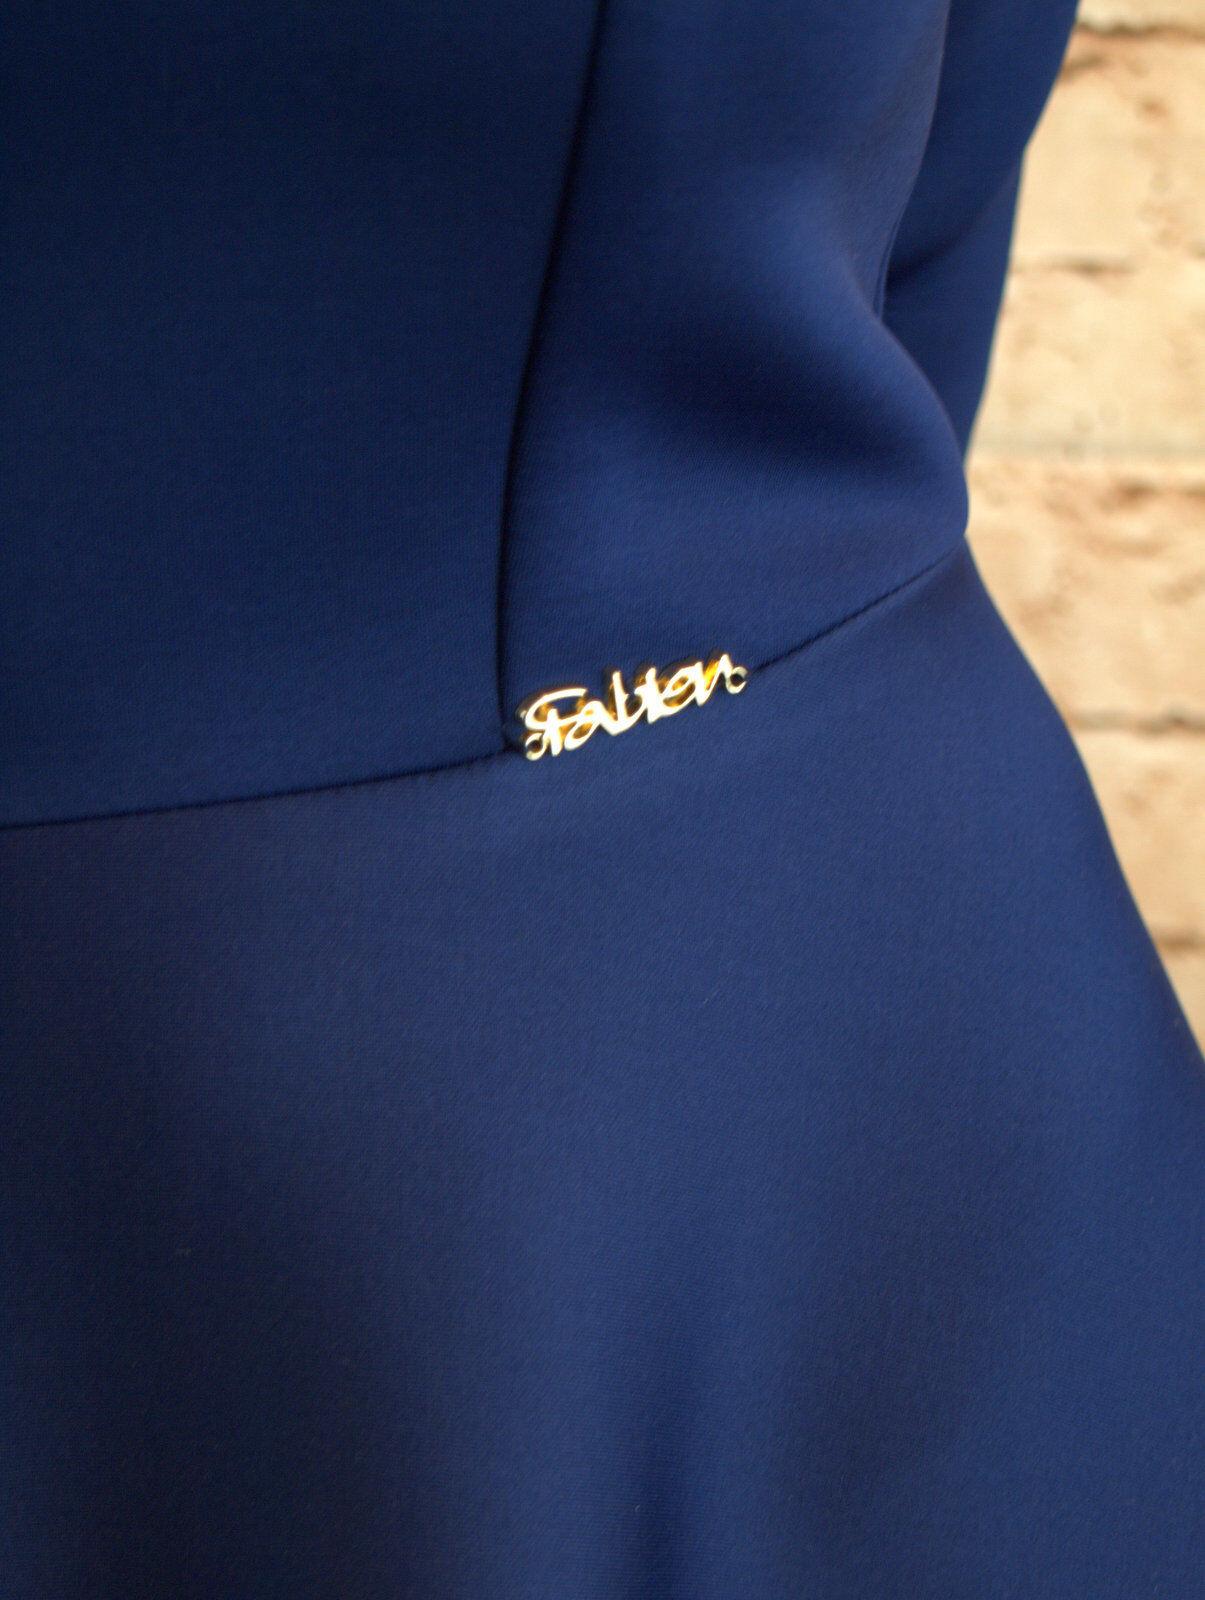 Abendkleid kurz Coctailkleid Herbst Winter Winter Winter Minikleid Kleid 3 4 Arm 36-42 blau | Kompletter Spezifikationsbereich  | Ein Gleichgewicht zwischen Zähigkeit und Härte  | Deutschland München  39bb30